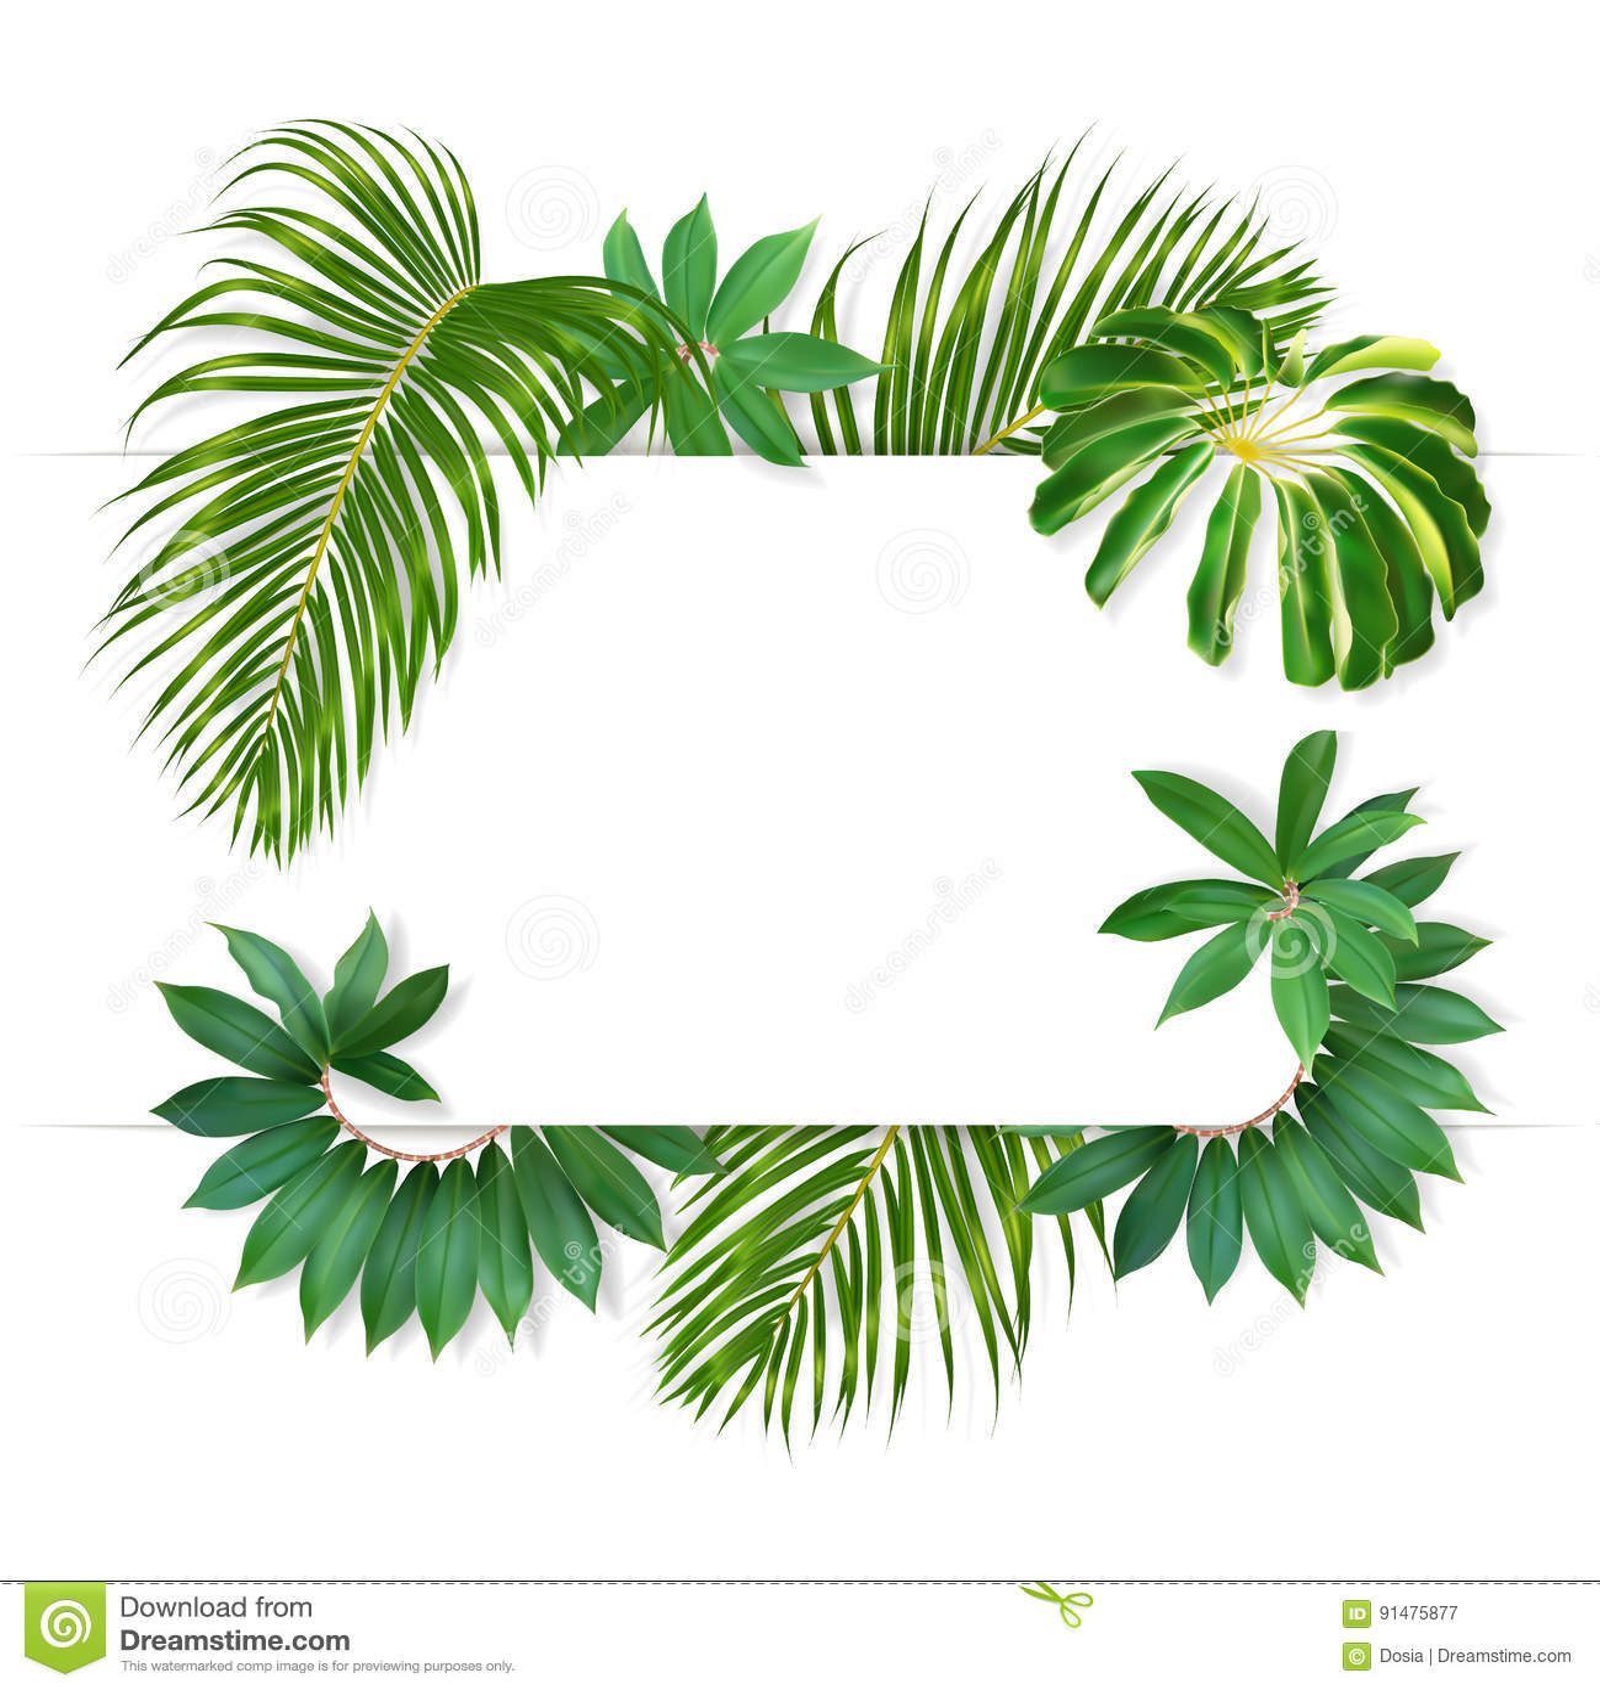 Naturschutzgebiet Gallery wrap Regenwald Bayou Sonnenlicht - muir woods  Zeichen png herunterladen - 408*650 - Kostenlos transparent Wald png  Herunterladen.